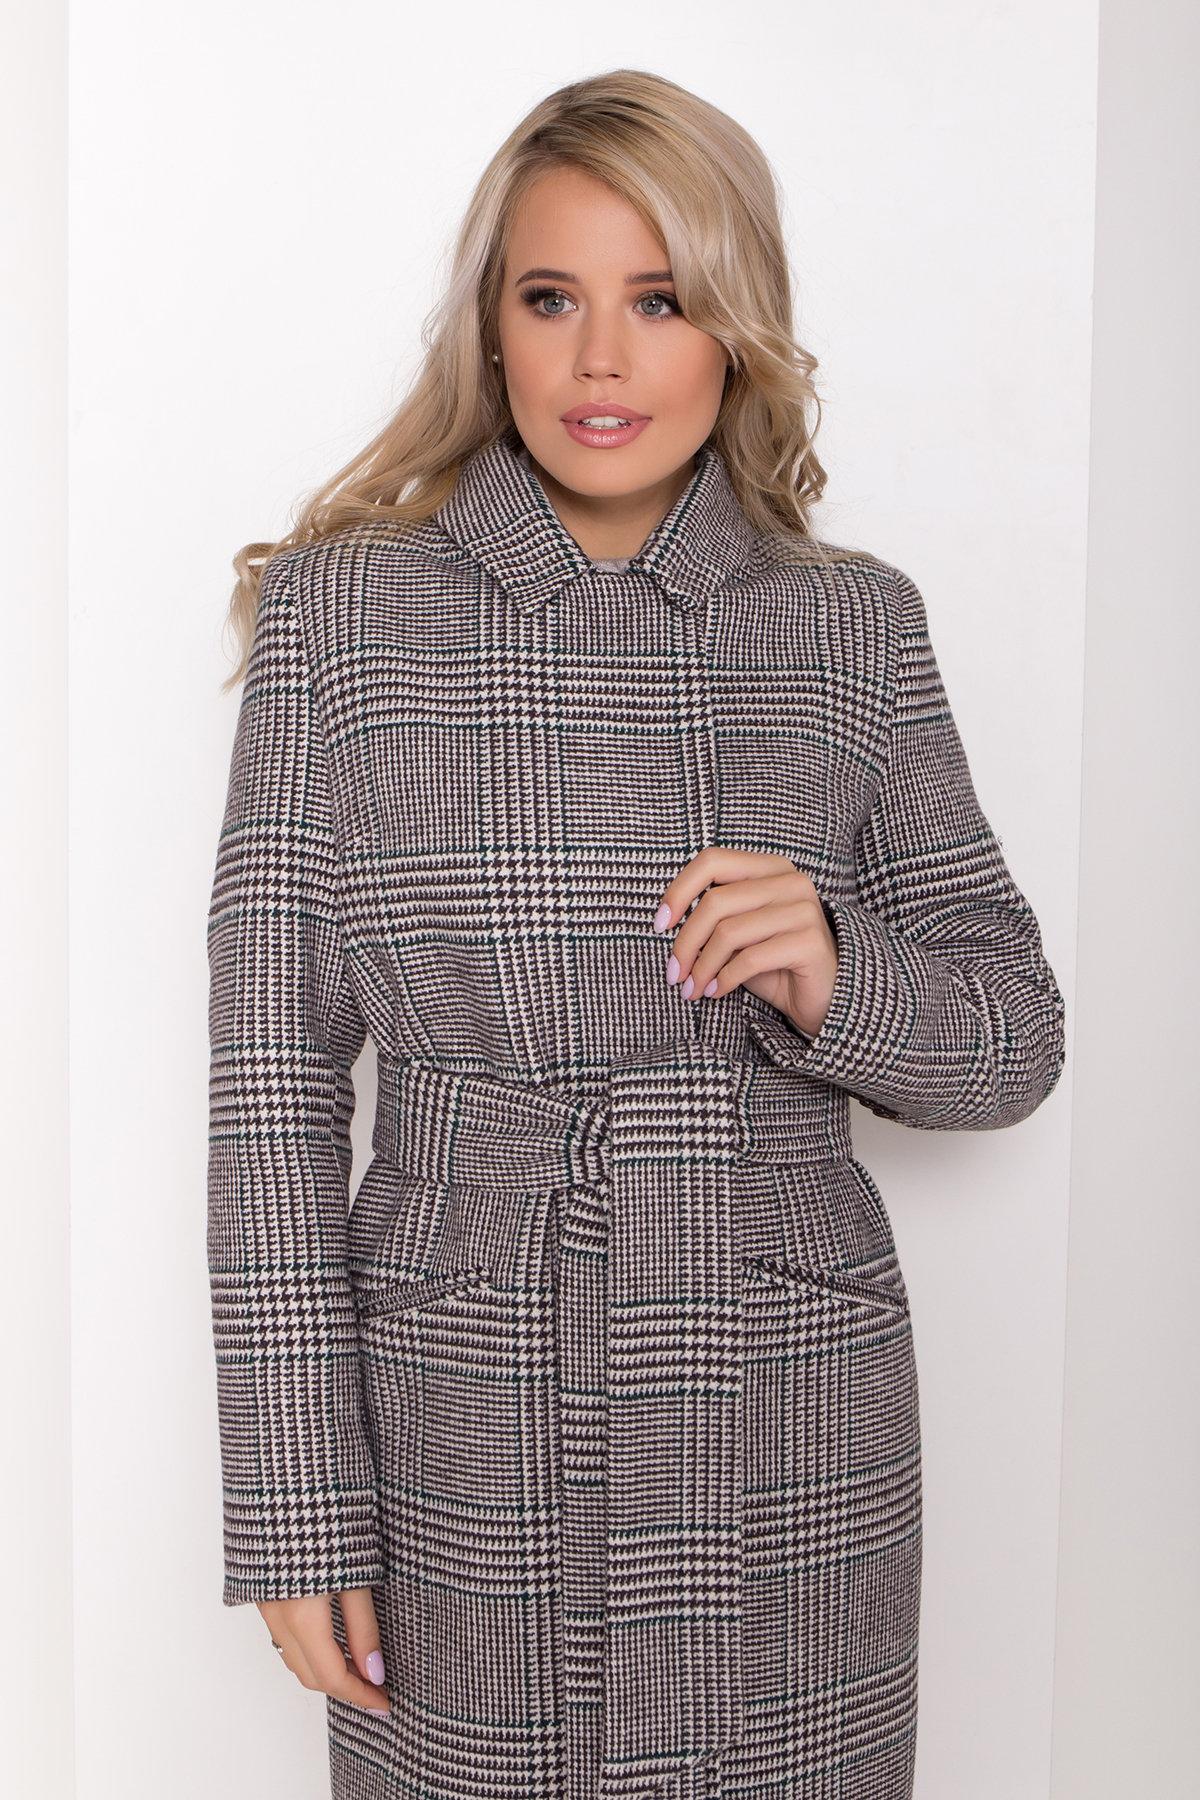 Пальто зима Эрли 8267 АРТ. 44346 Цвет: Клетка кр чер/мол/изумр - фото 5, интернет магазин tm-modus.ru